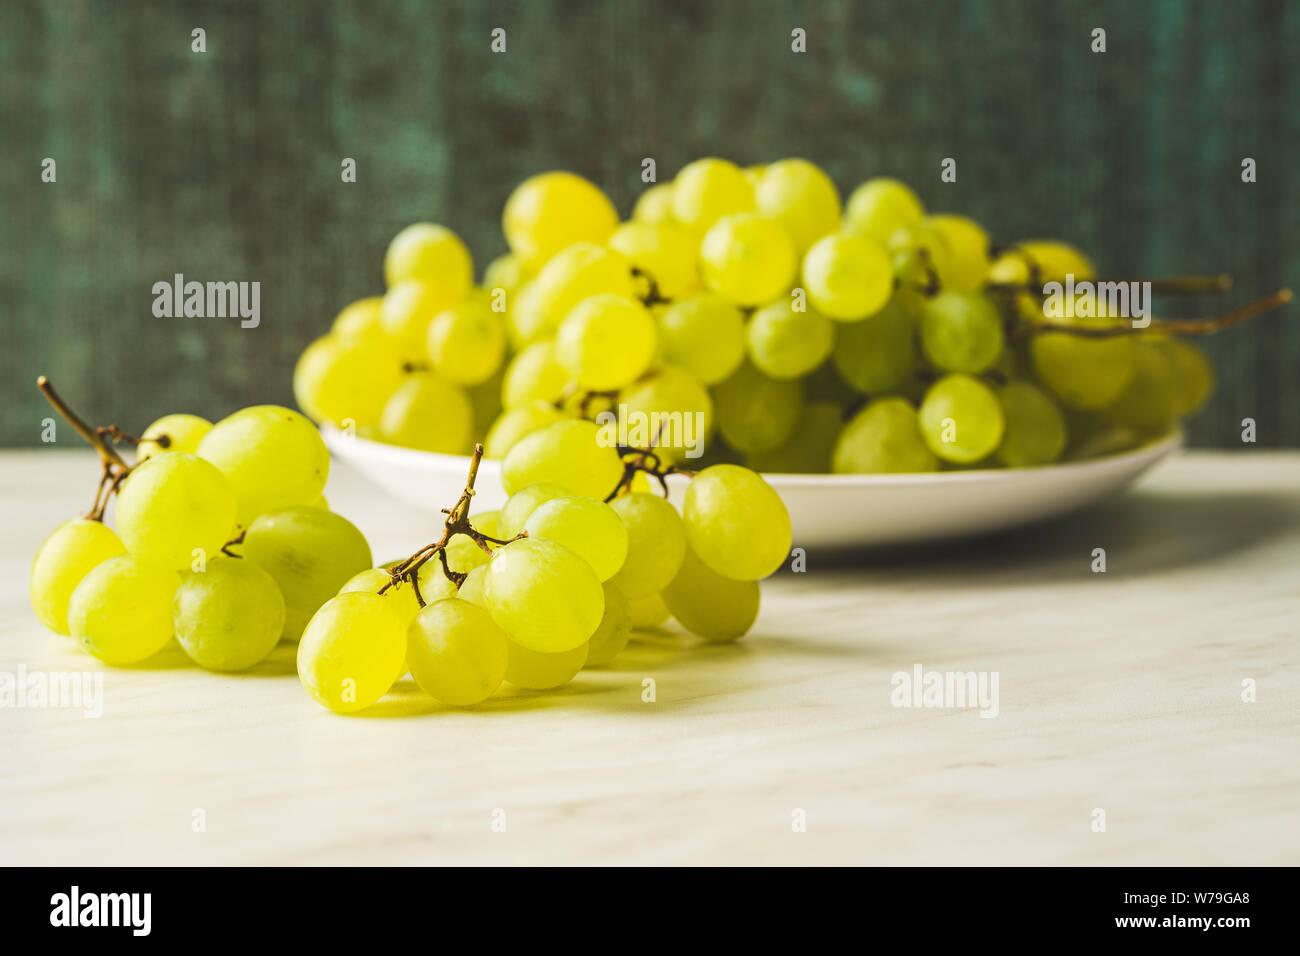 Tasty Green Grapes White Grape On Kitchen Table Stock Photo Alamy